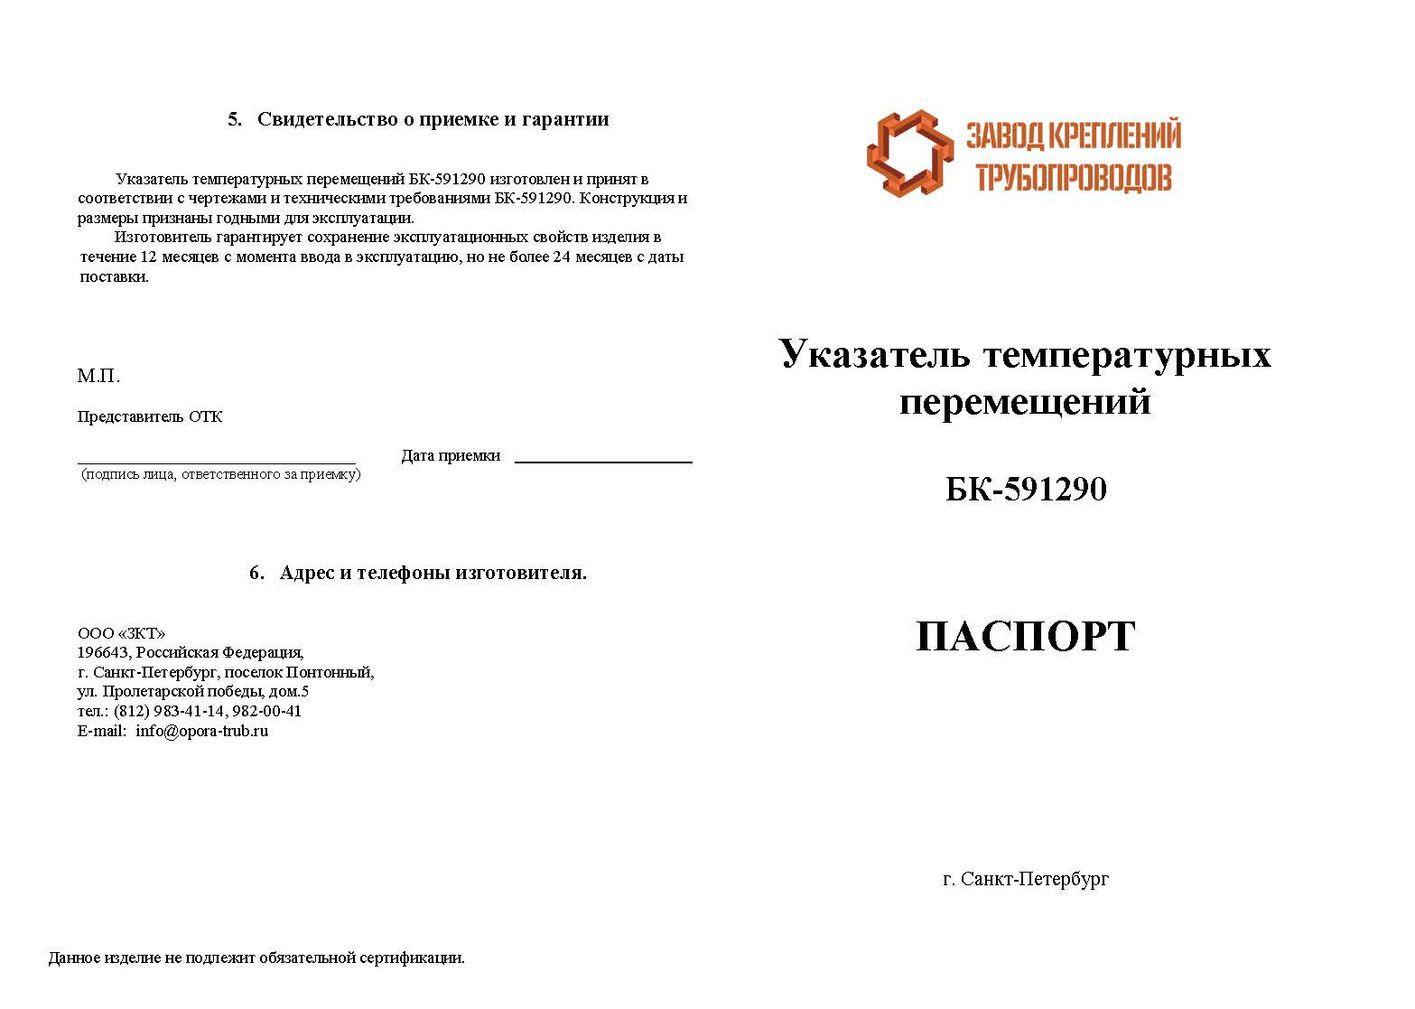 Паспорт БК-591290 Указатель температурных перемещений стр.1